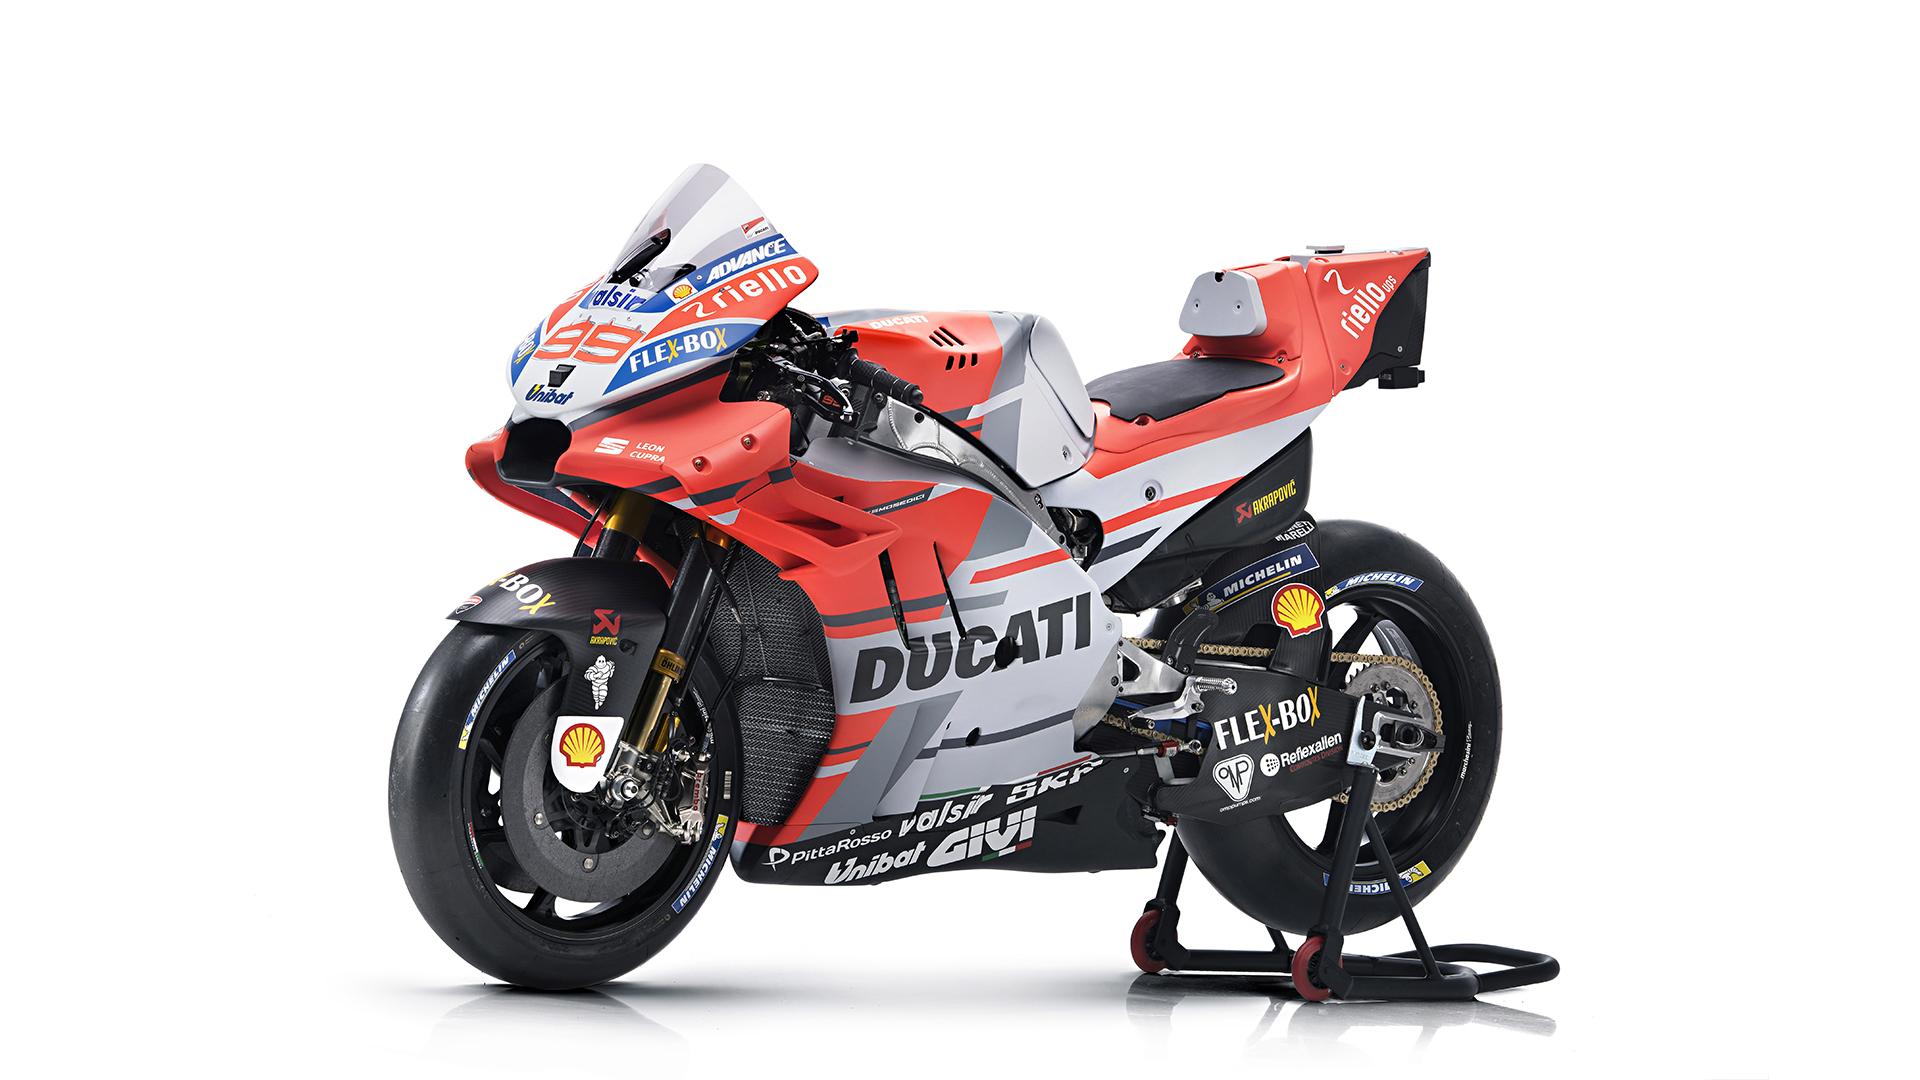 Ducati Team Motogp 2018 Ducati Desmosedici Gp